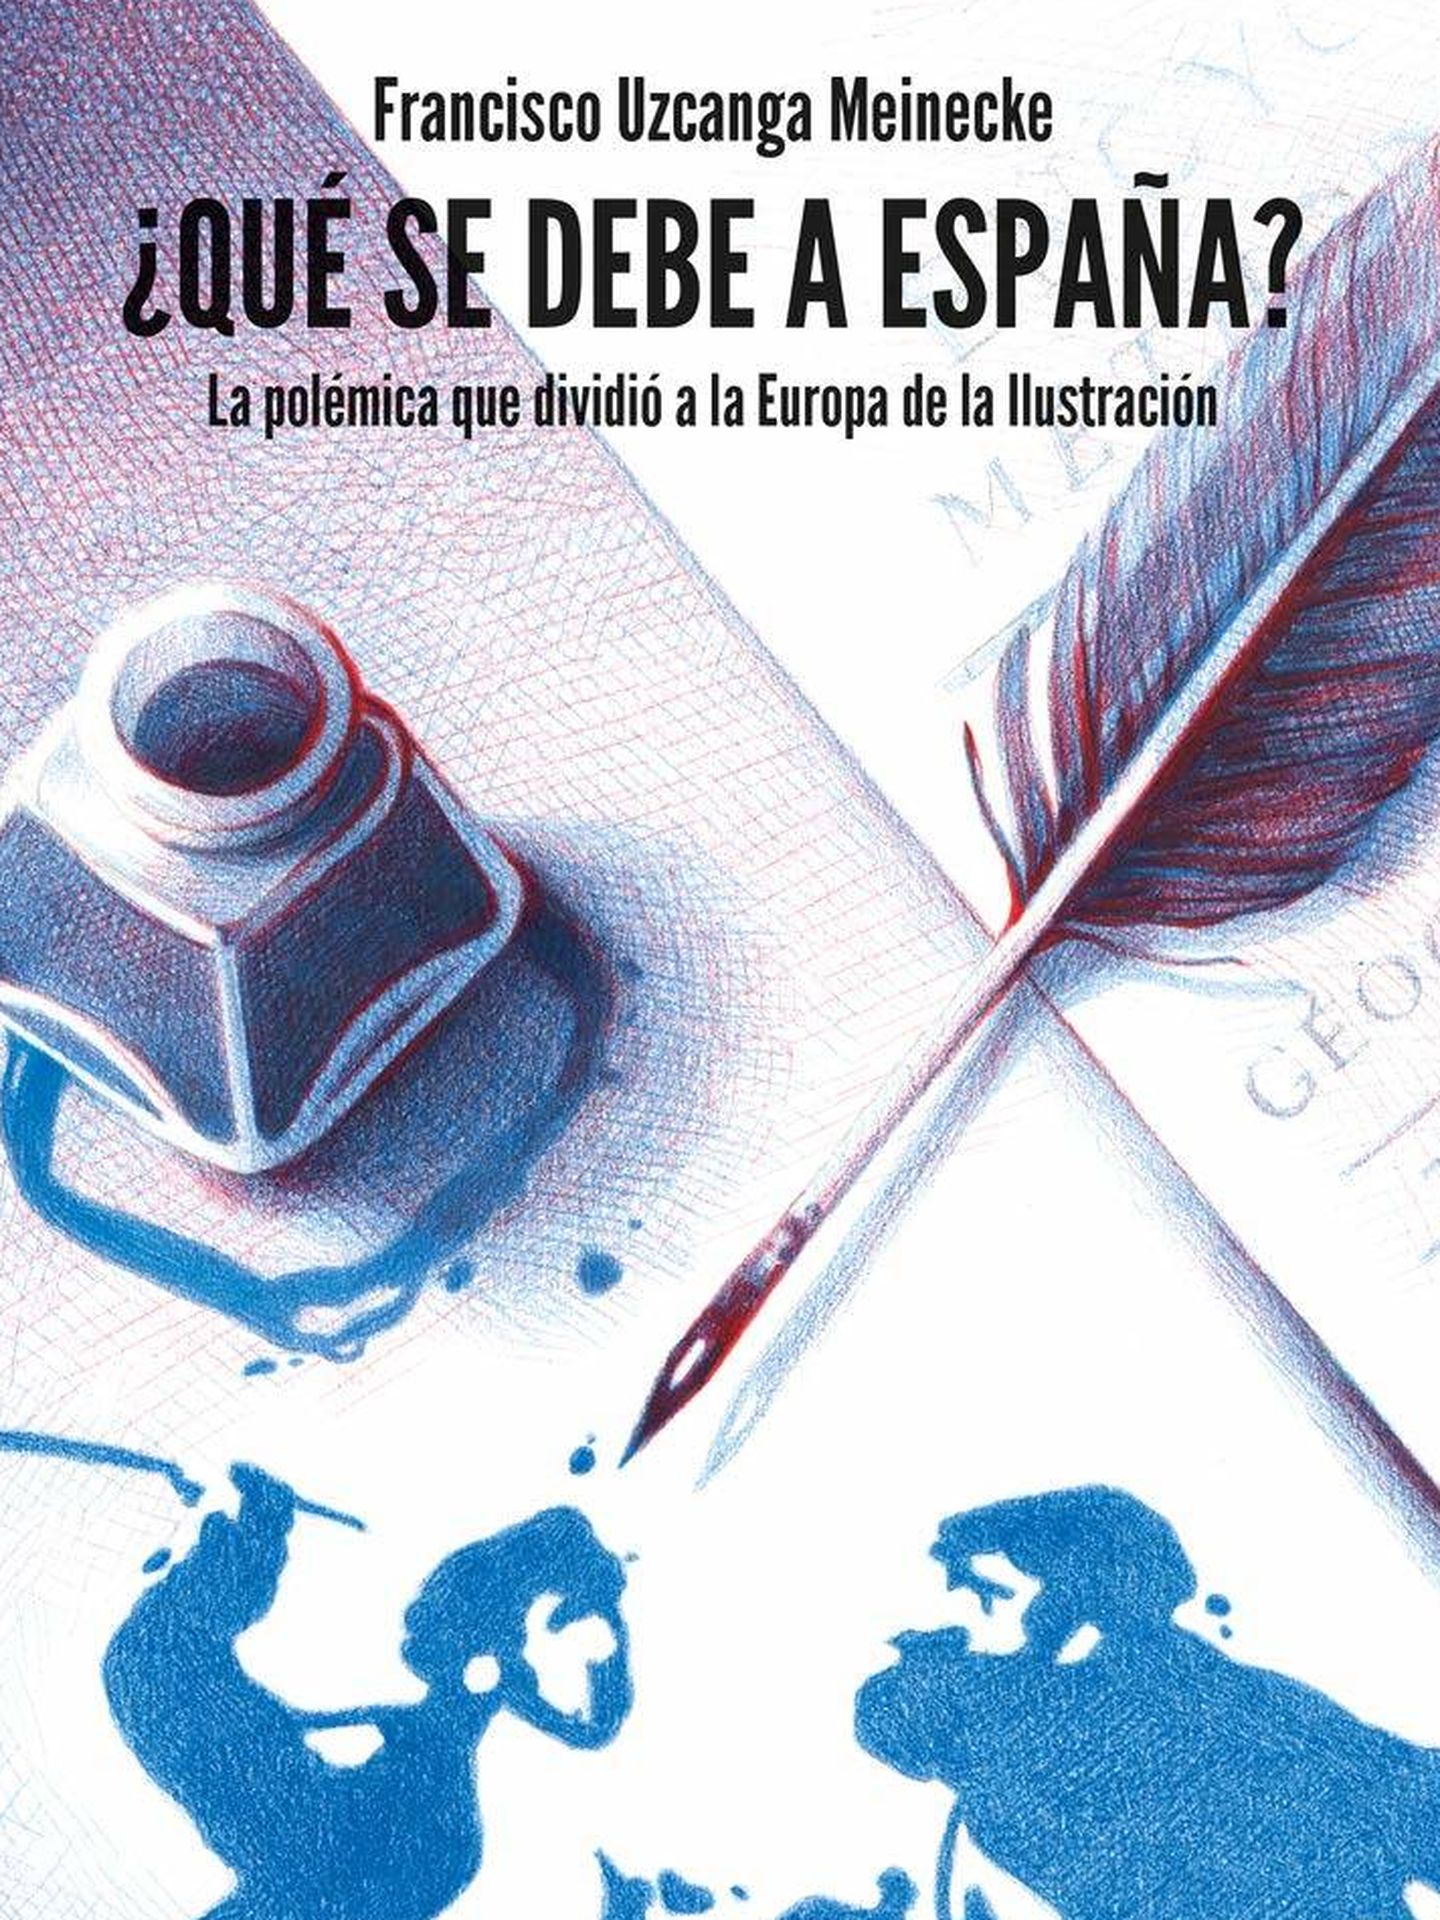 '¿Qué se debe a España?'. (Libros del KO)